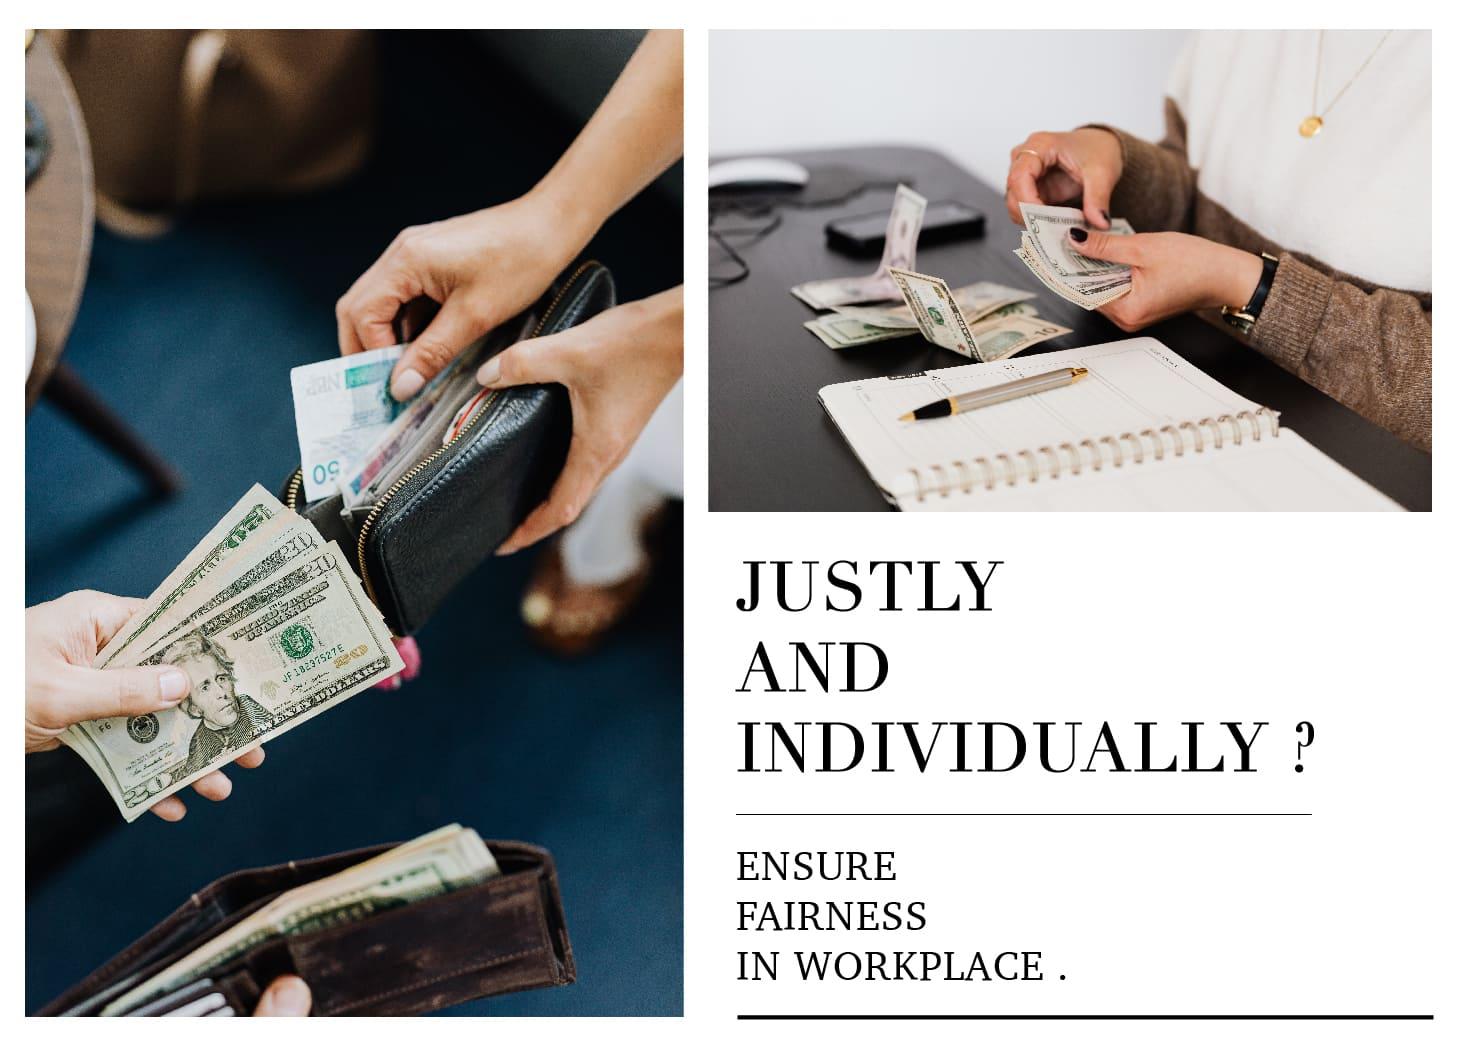 薪資透明才是好公司?在職場上從來沒有所謂的公不公平Justly and Individually? Ensure Fairness In Workplace